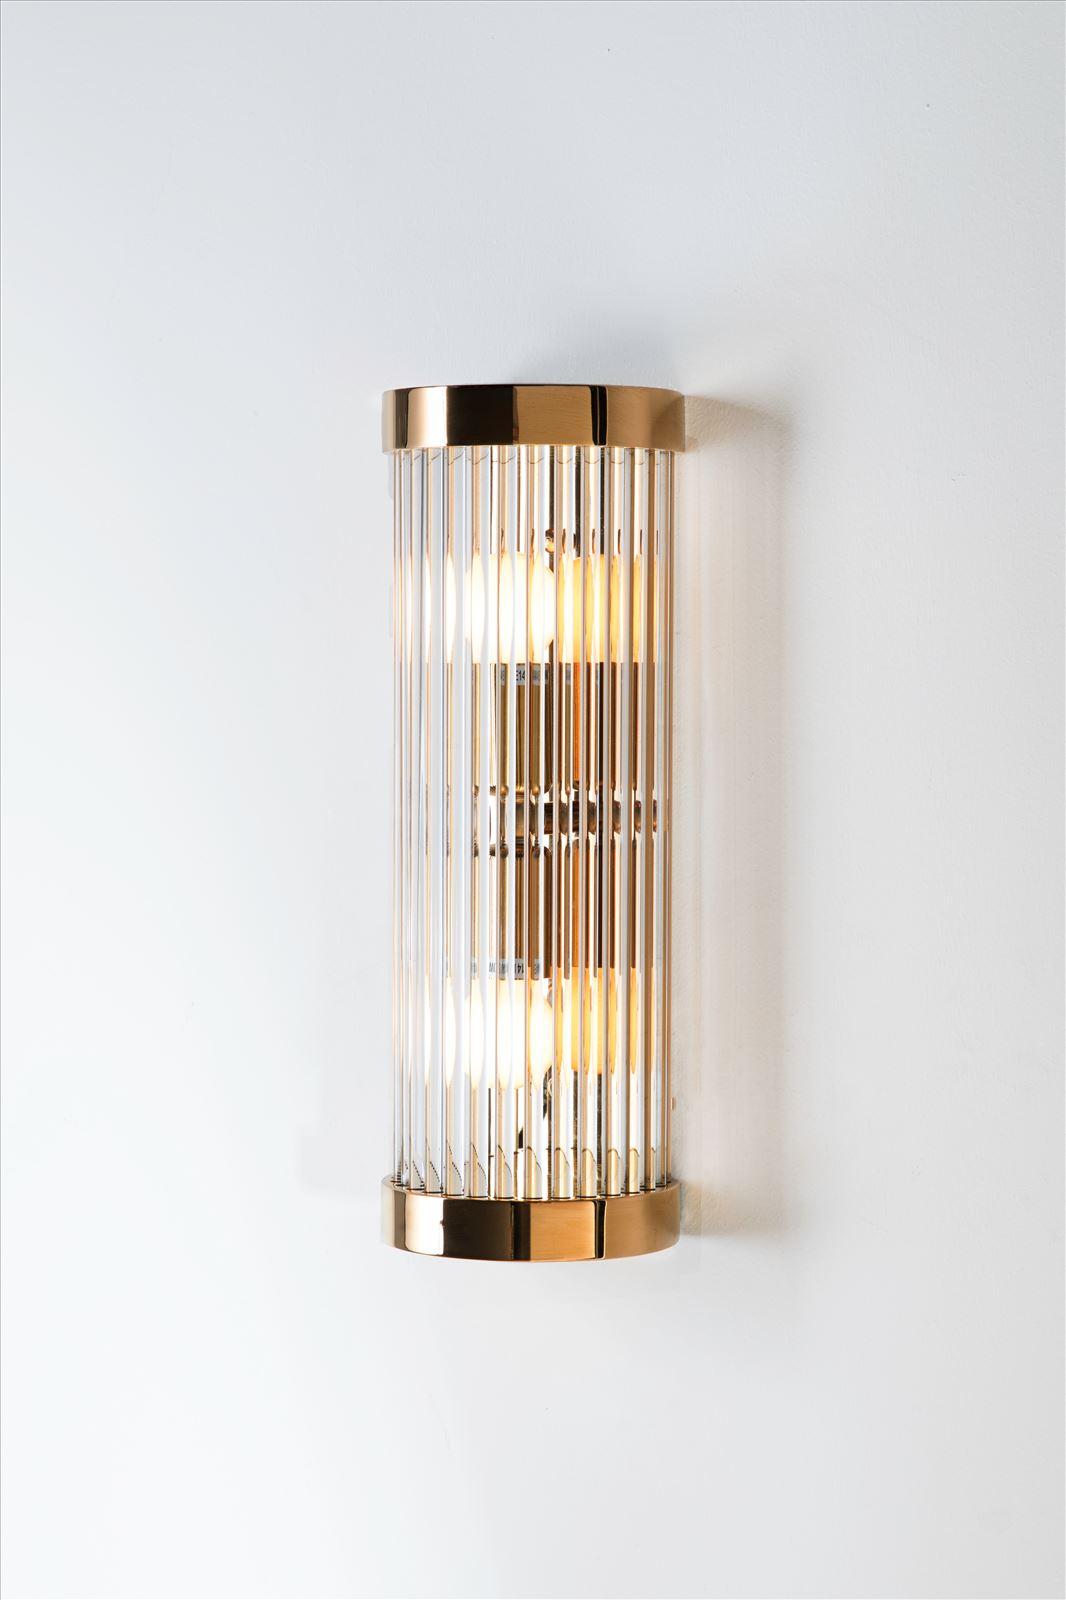 גופי תאורה מקטגוריית: מנורות קיר  ,שם המוצר: Tubino transparent